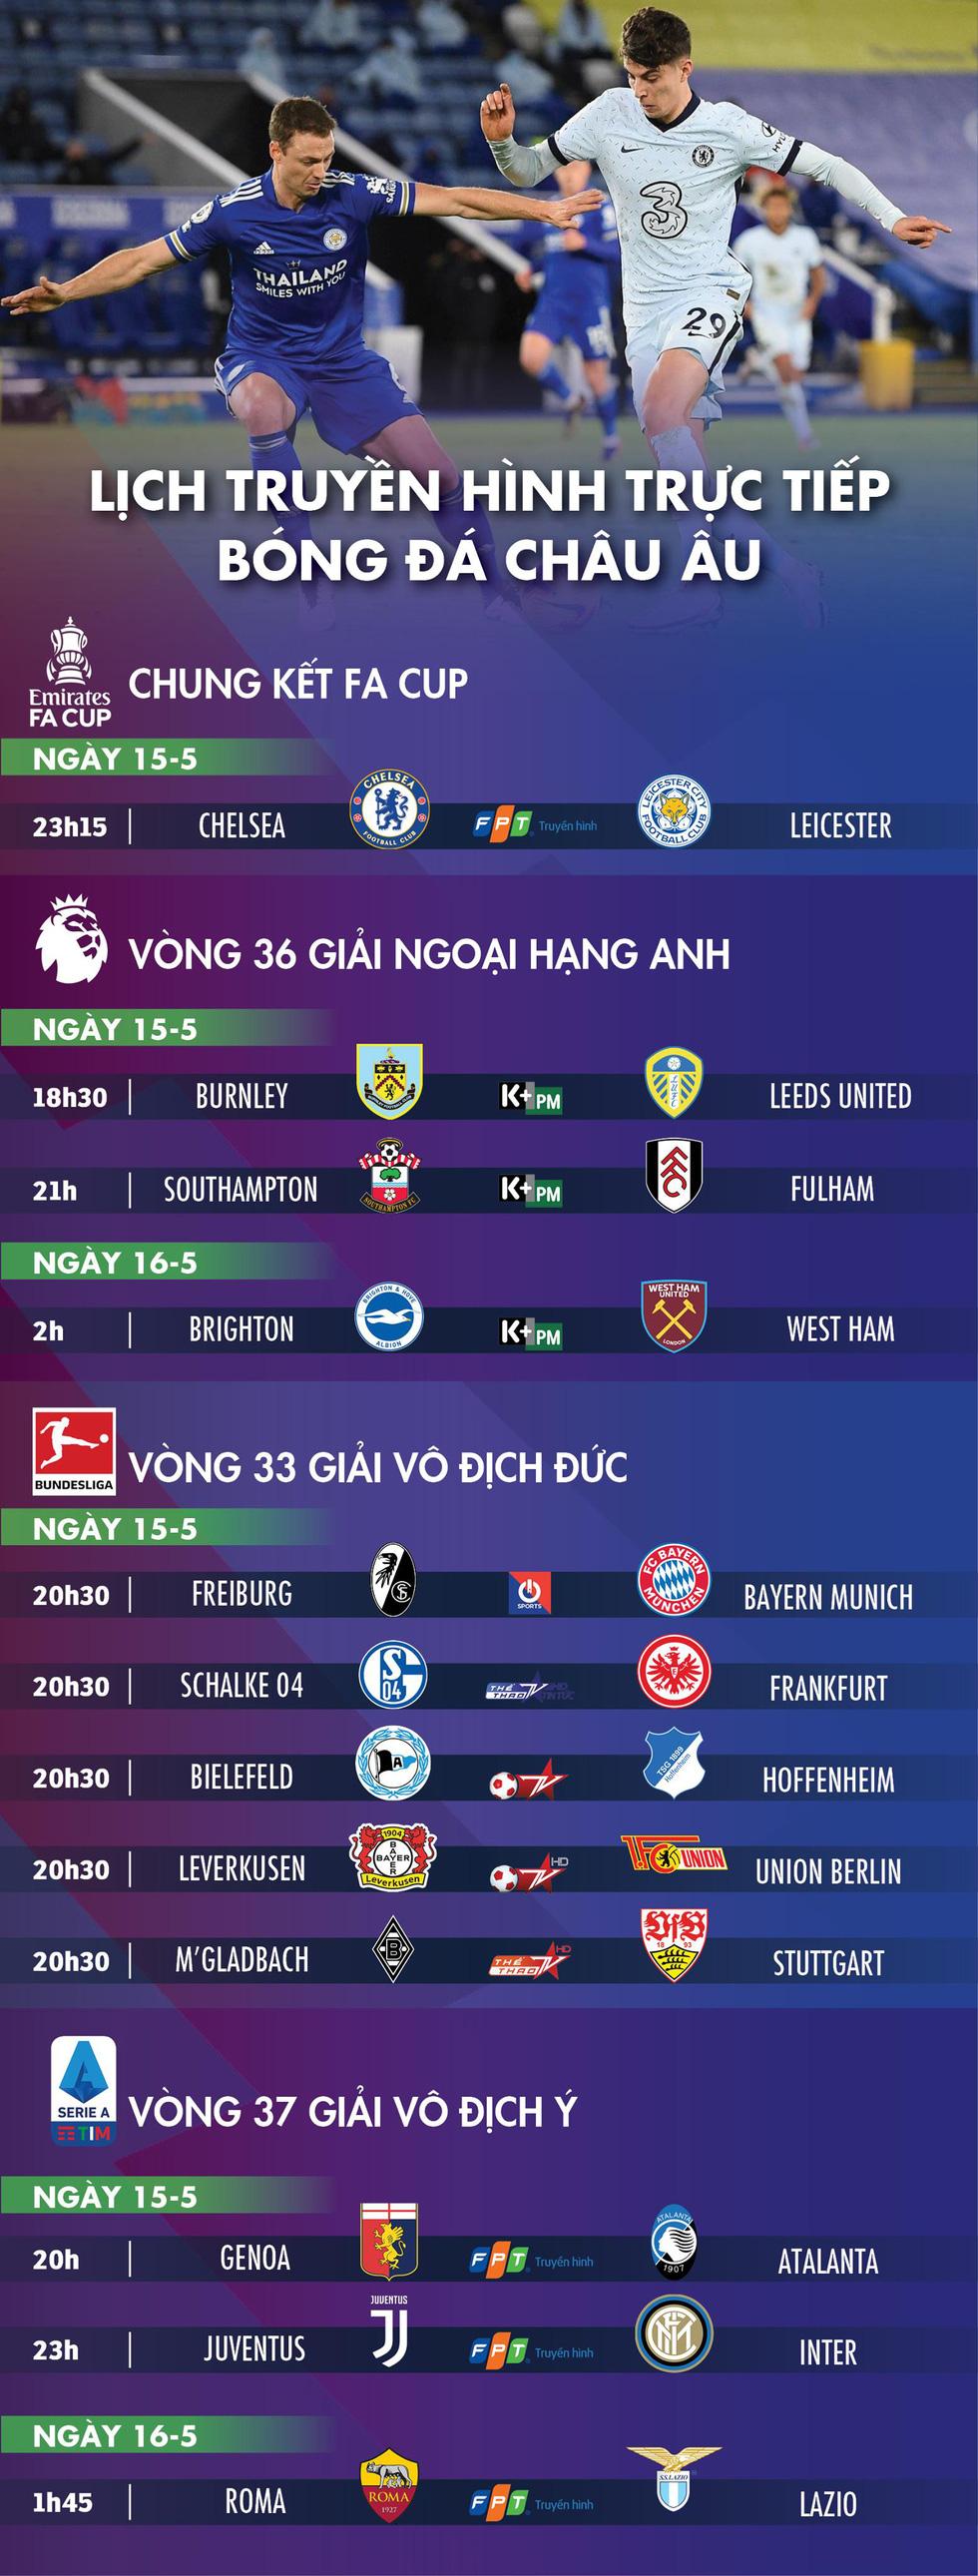 Lịch trực tiếp bóng đá châu Âu: Chung kết FA Cup, Juve - Inter - Ảnh 1.